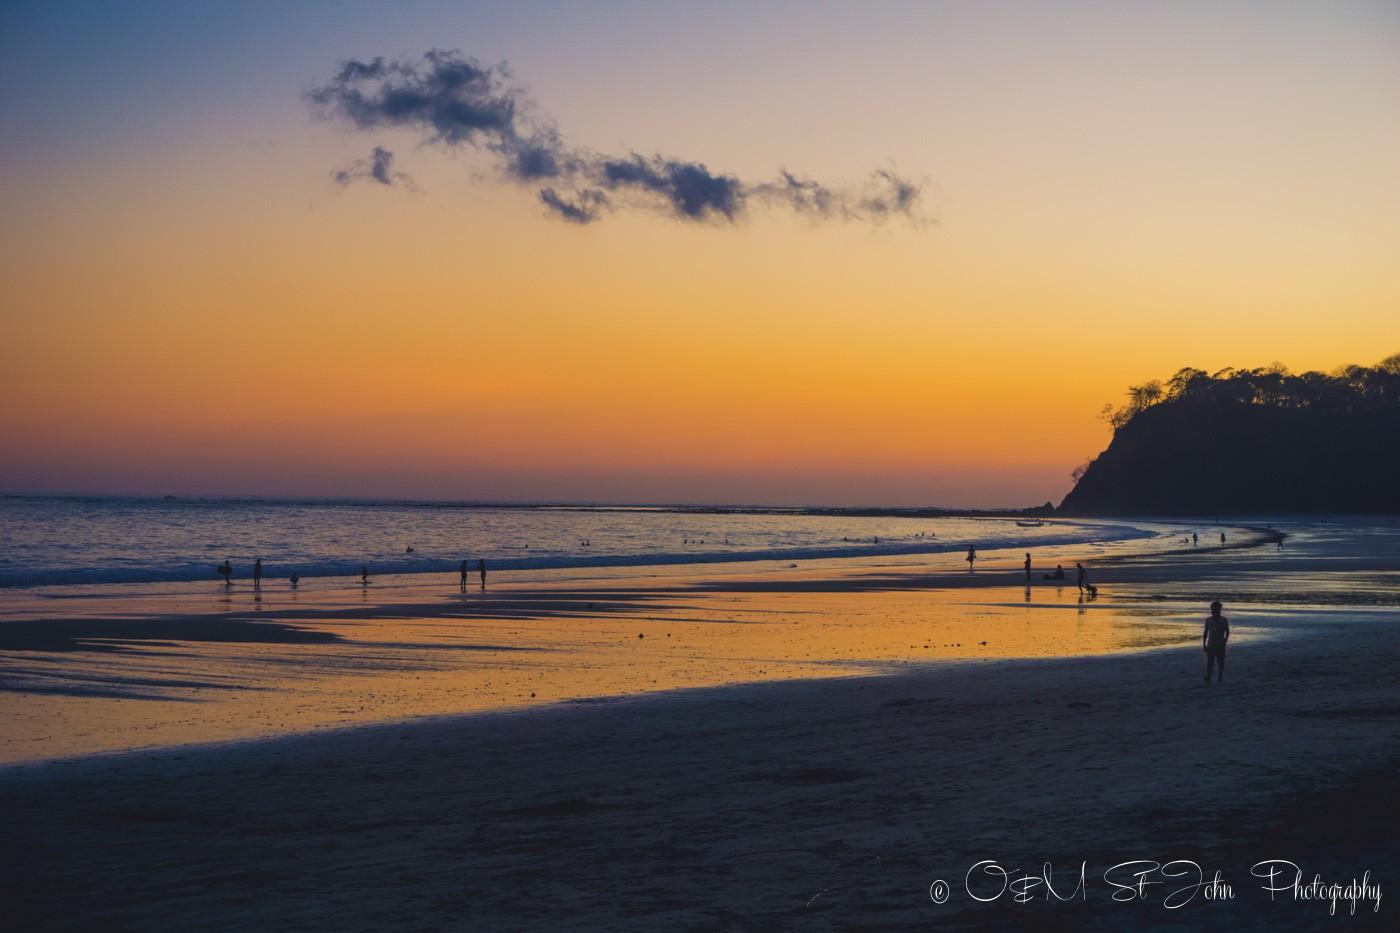 Samara Costa Rica: Sunset on Playa Samara. Guanacaste. Costa Rica